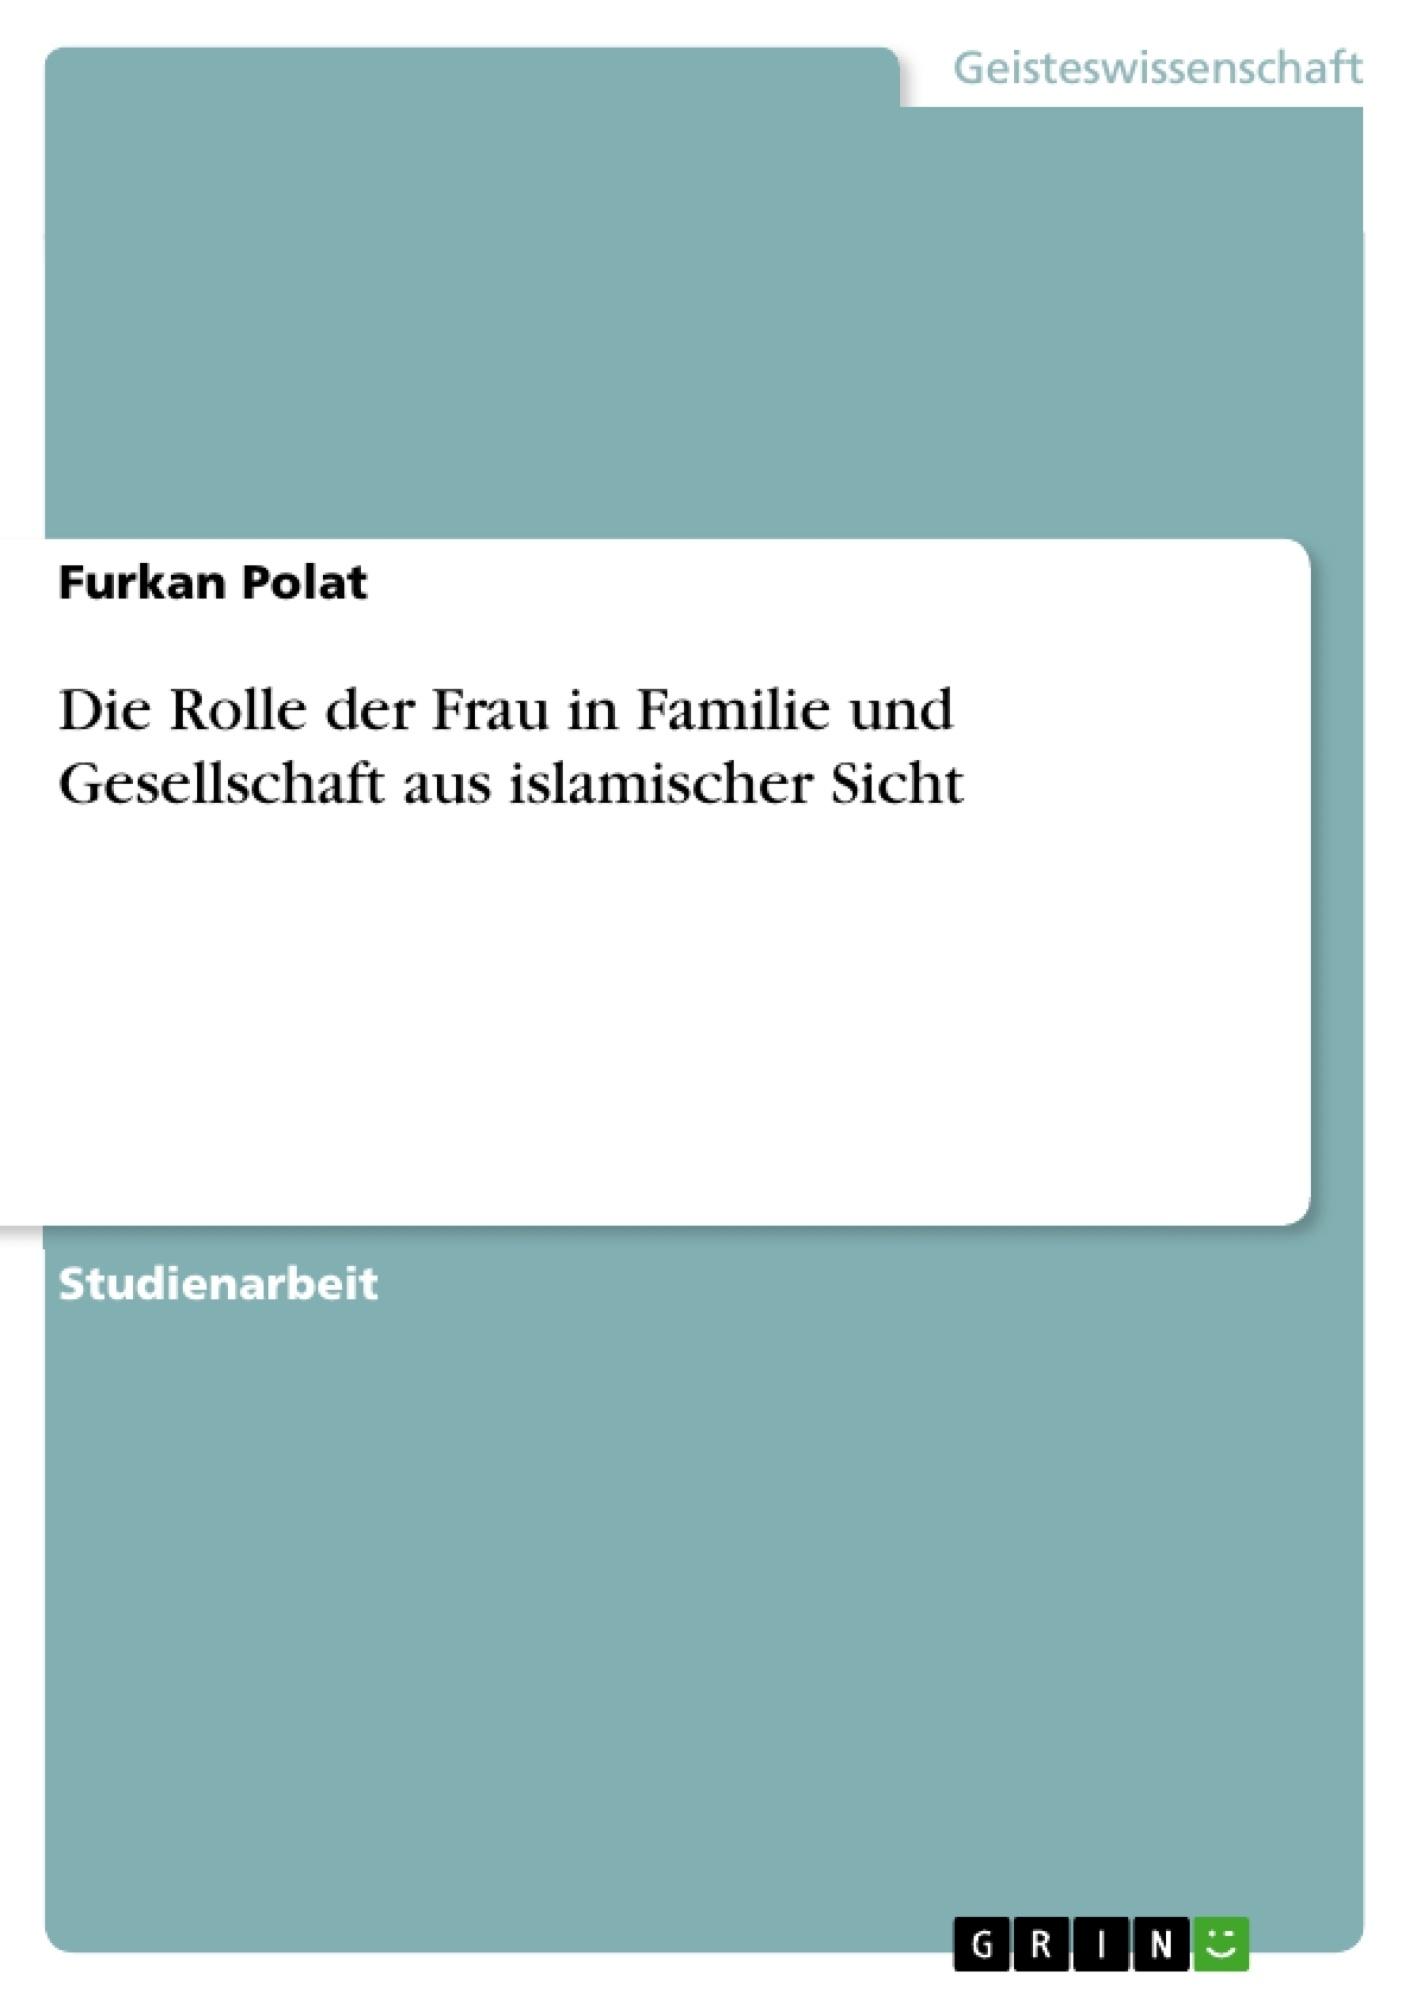 Titel: Die Rolle der Frau in Familie und Gesellschaft aus islamischer Sicht